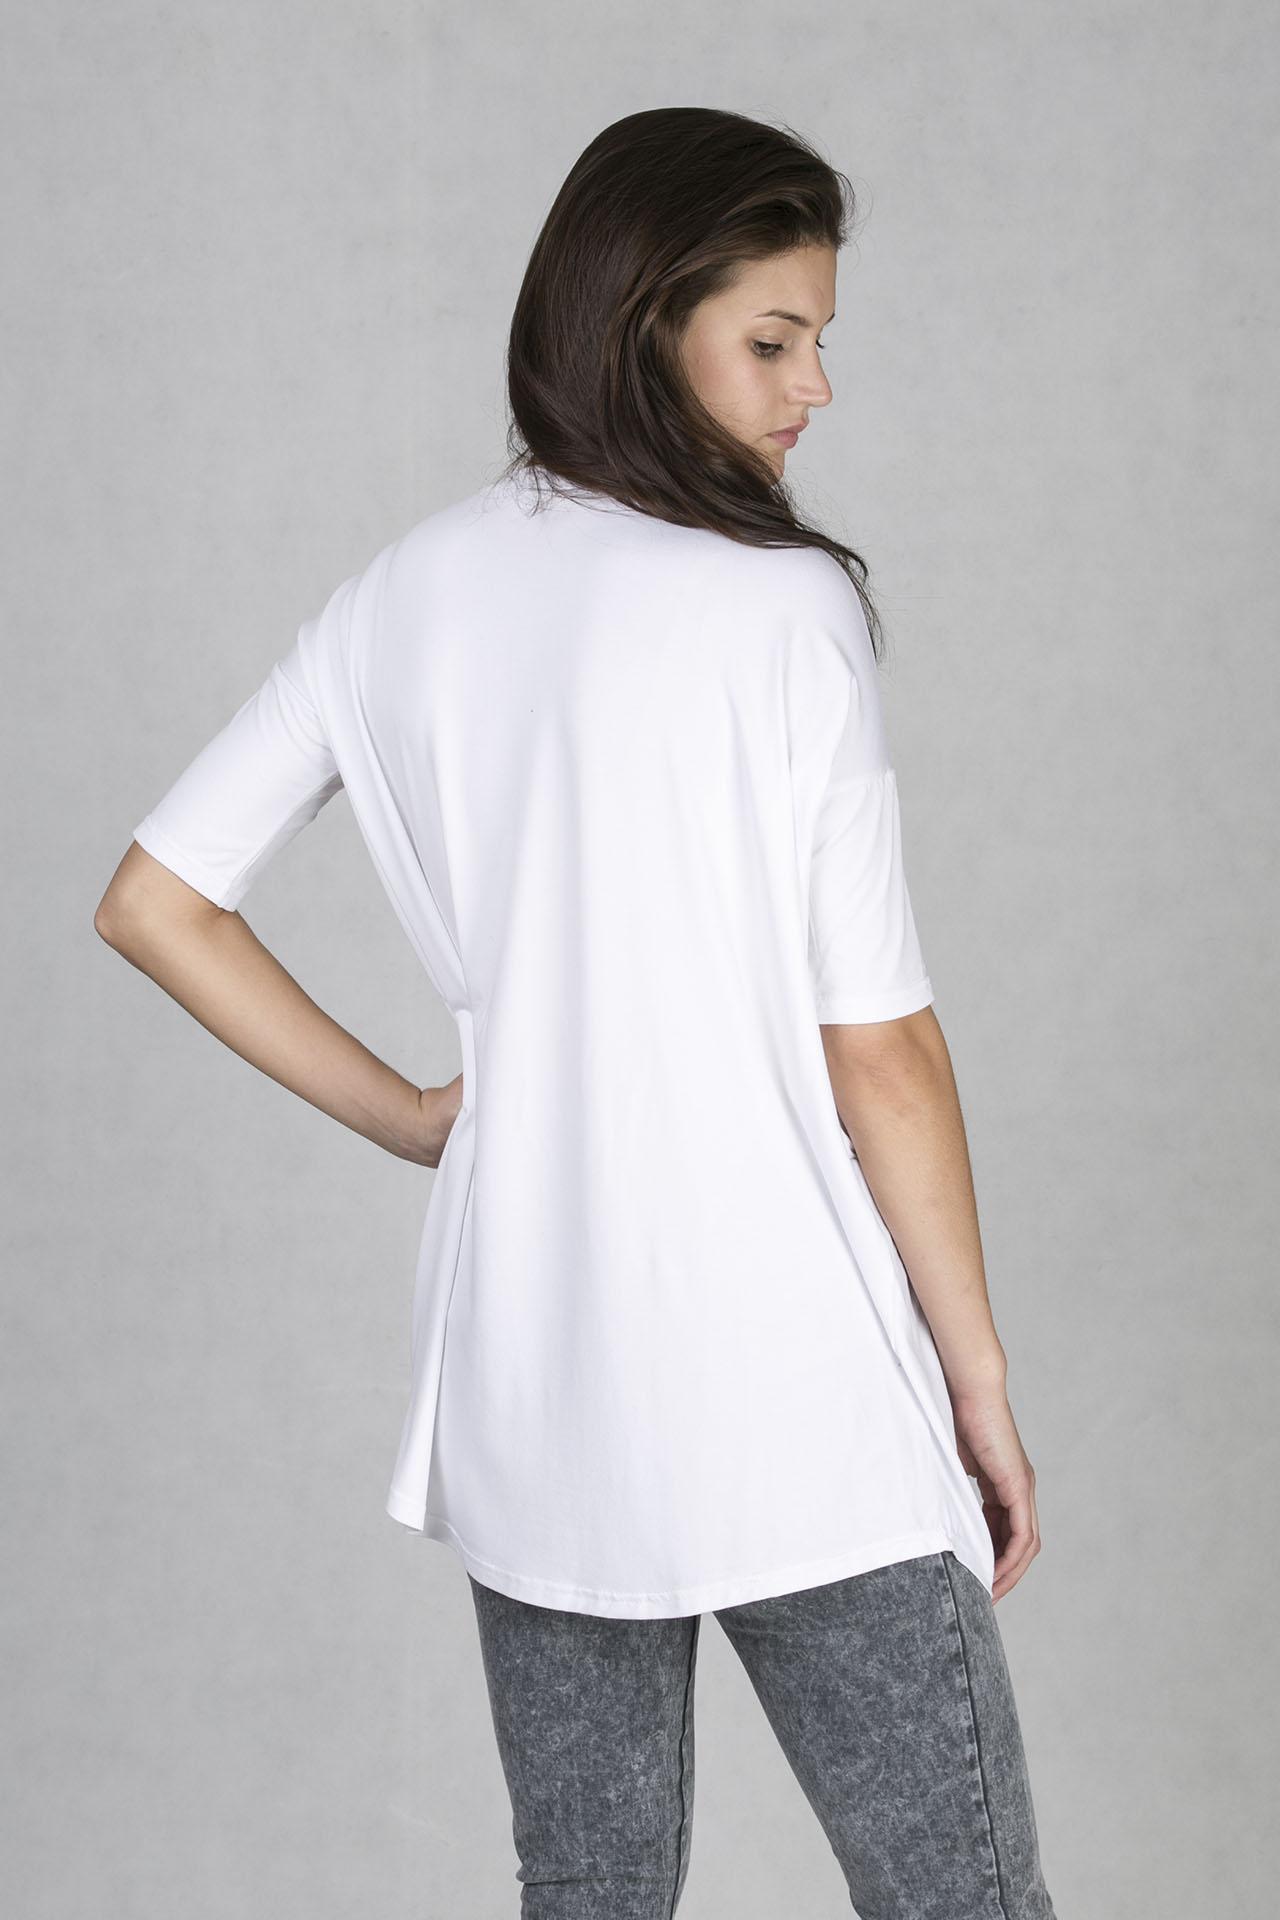 ONEDAY t-shirt girlfriend HEAD. Dámské tričko v prodloužené délce s  originálním barevným akvarelovým potiskem od Víta Svobody ... f819283203